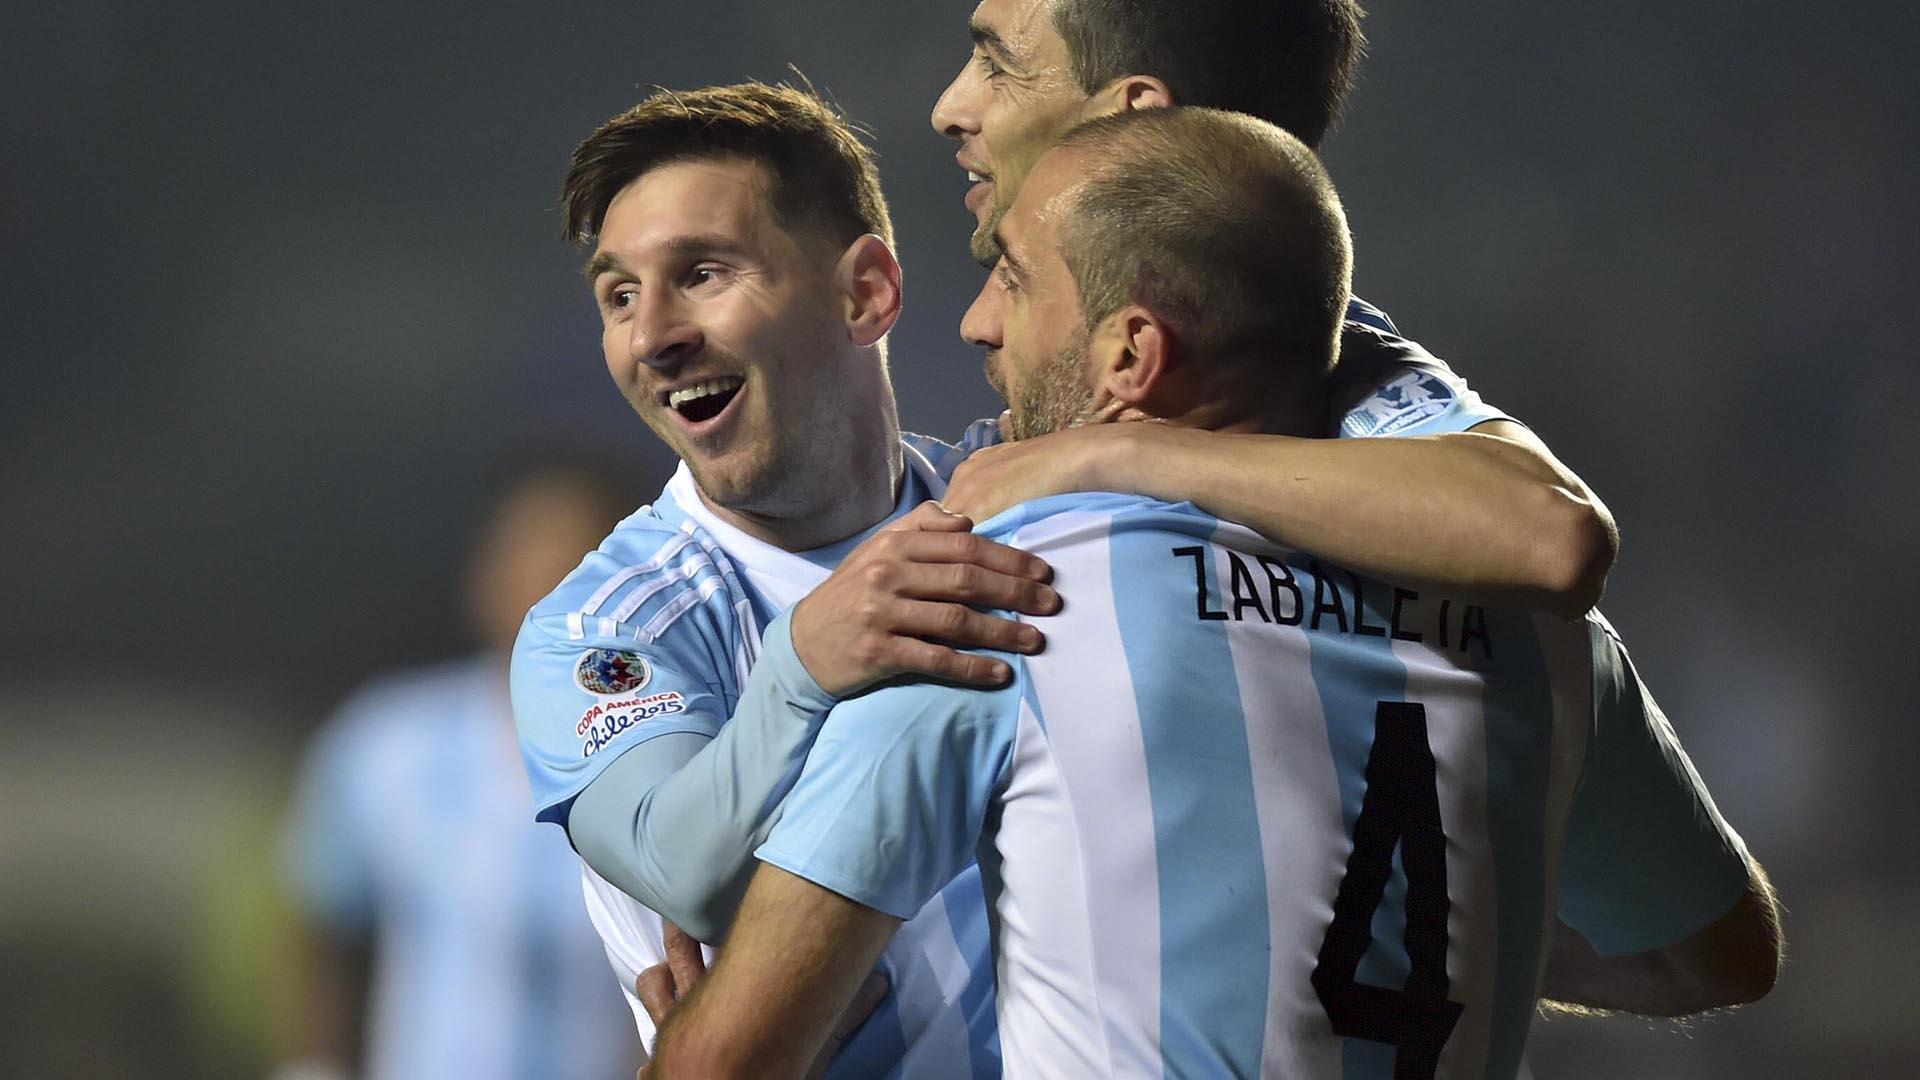 Desde el 2005, en adelante: Messi y Zabaleta forjaron una relación con la selección argentina como factor común (NA)